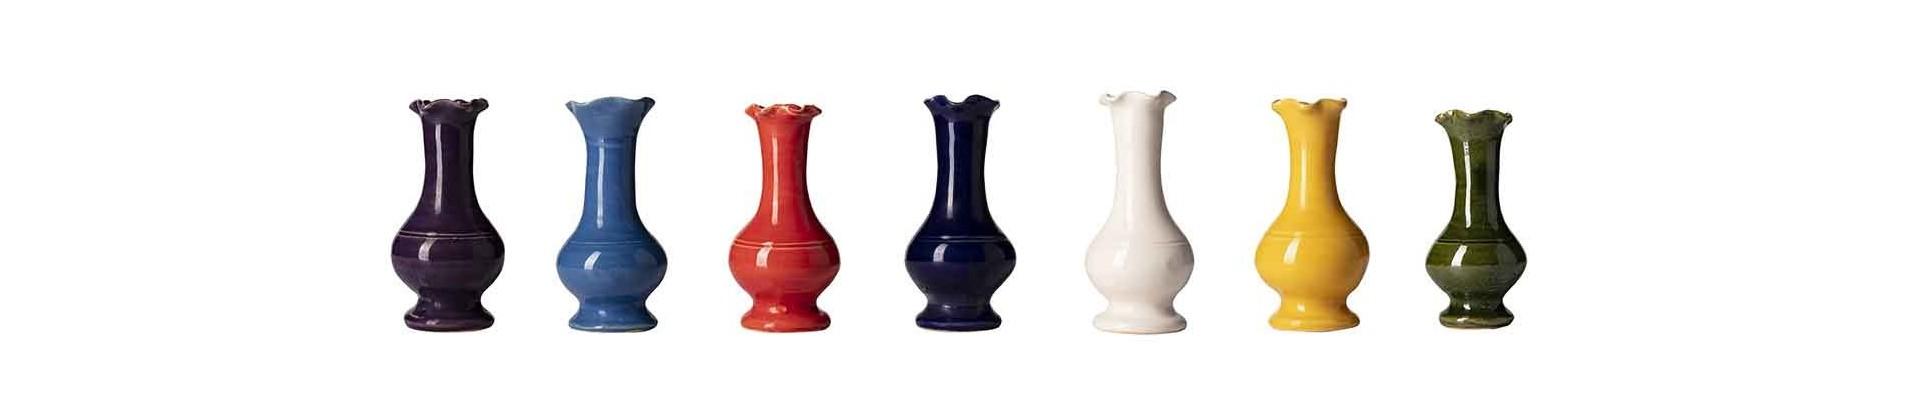 Vases et caches pots